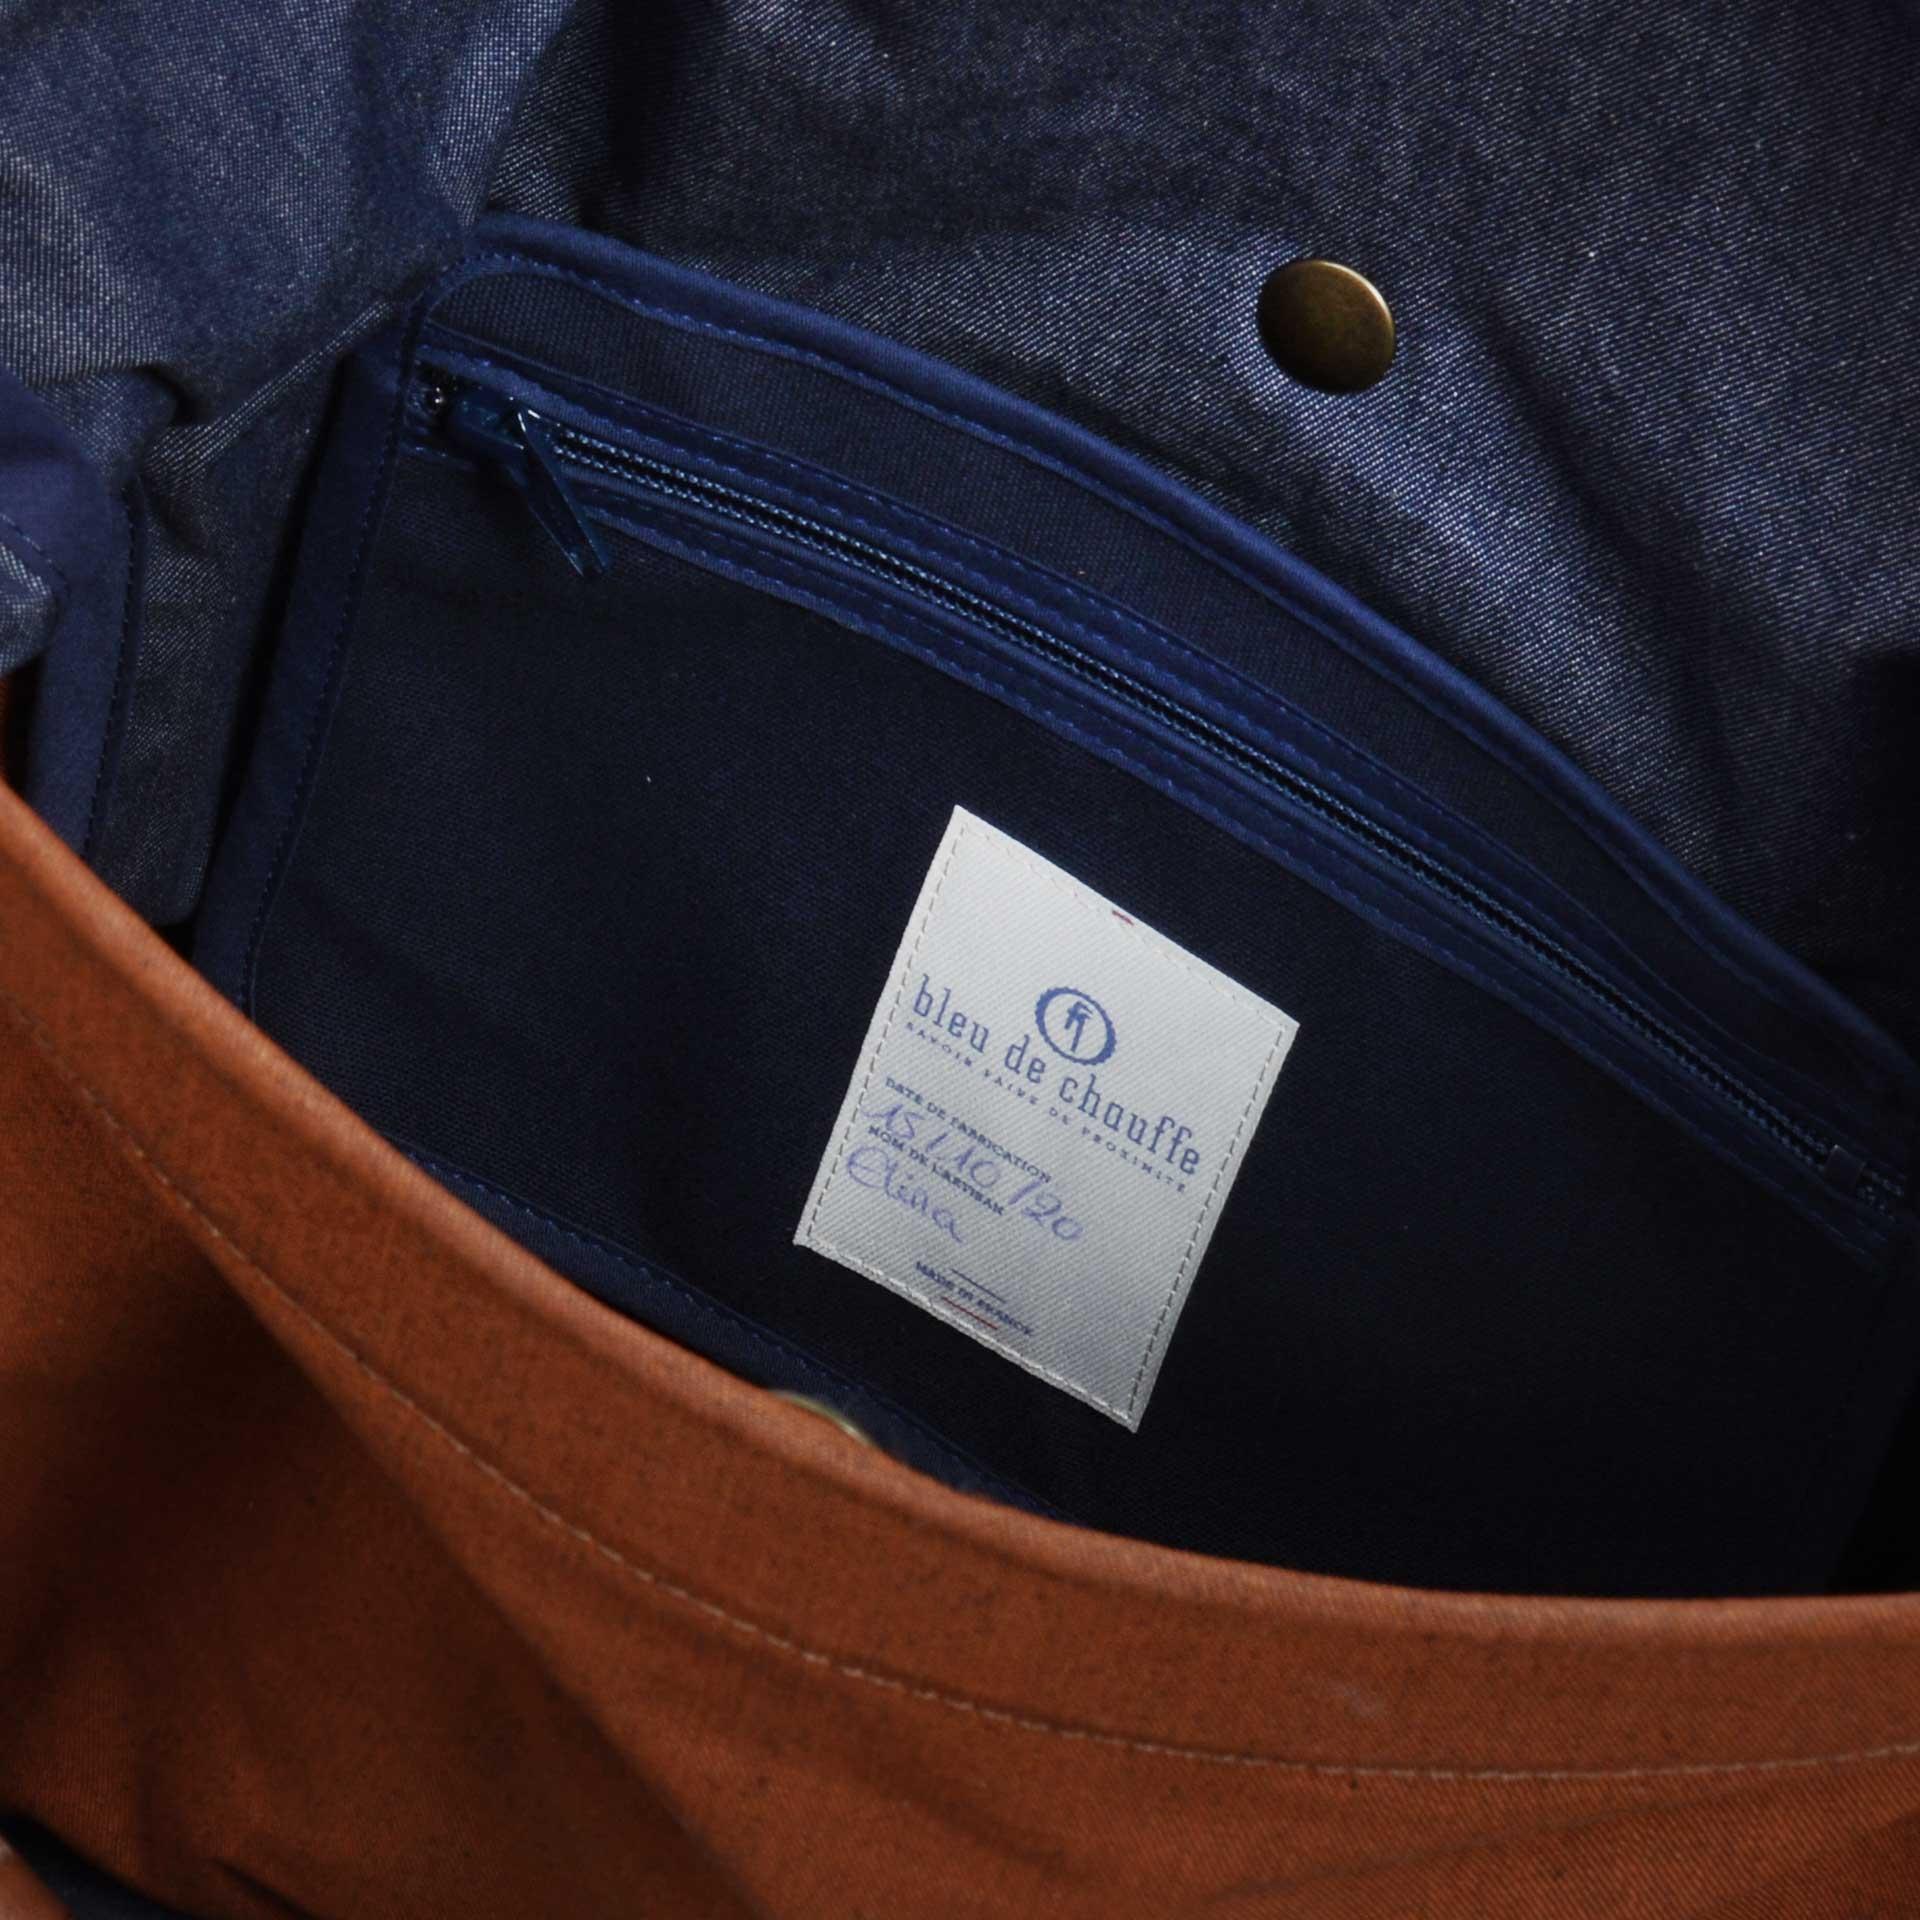 Woody M Backpack - Denim/Terra cotta (image n°5)